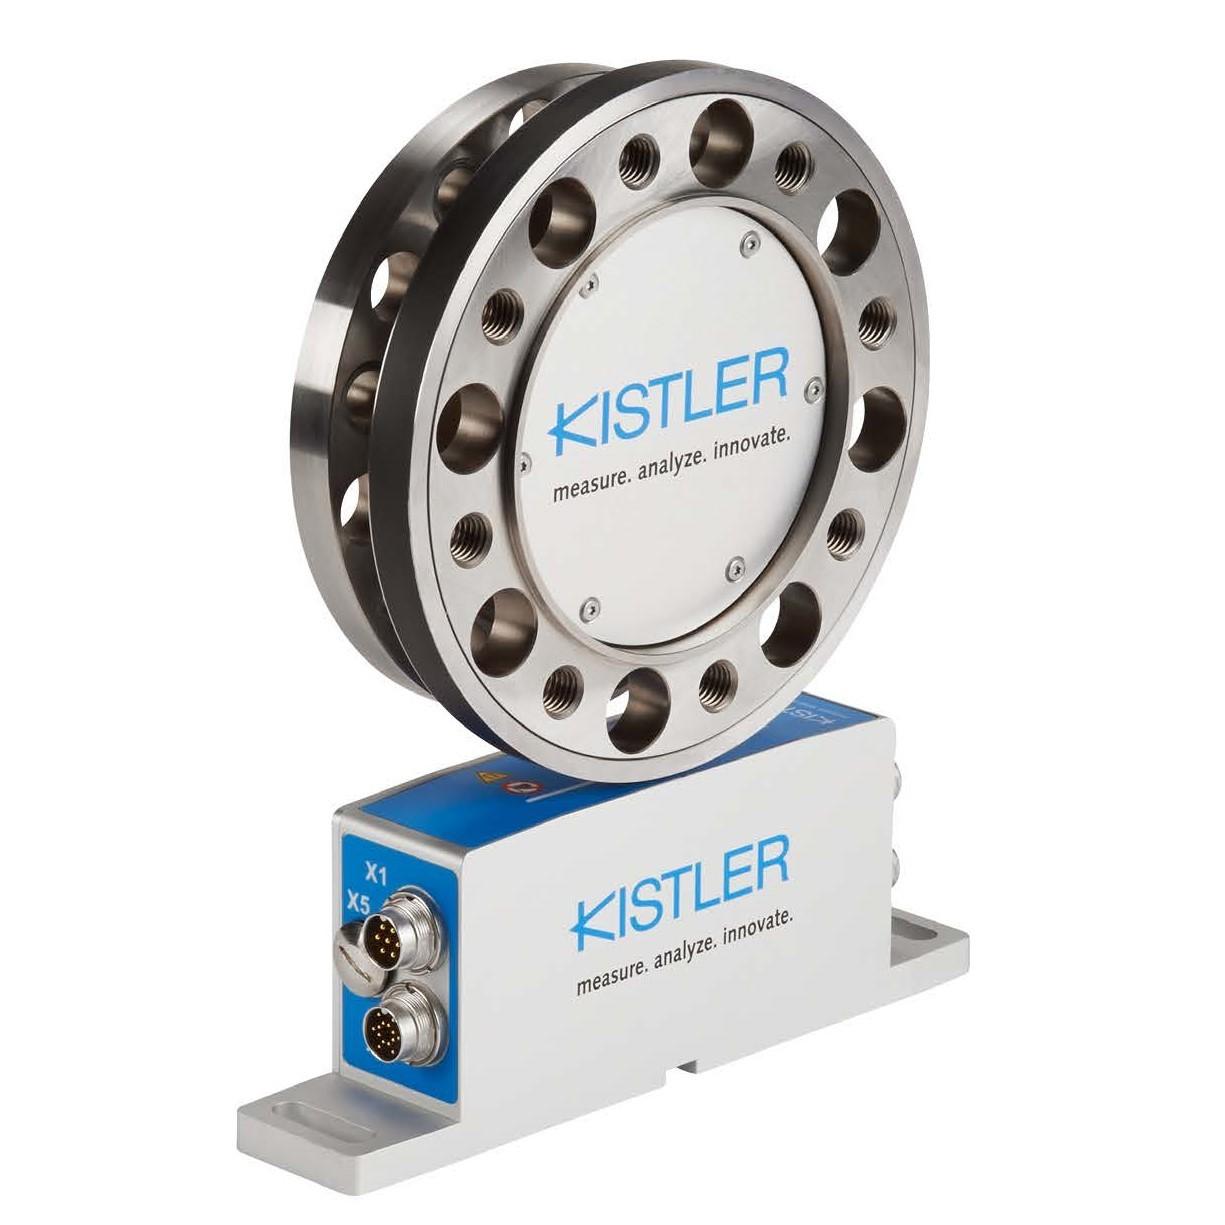 KiTorq Drehmoment-Messflanschsystem Typ 4551A Kistler